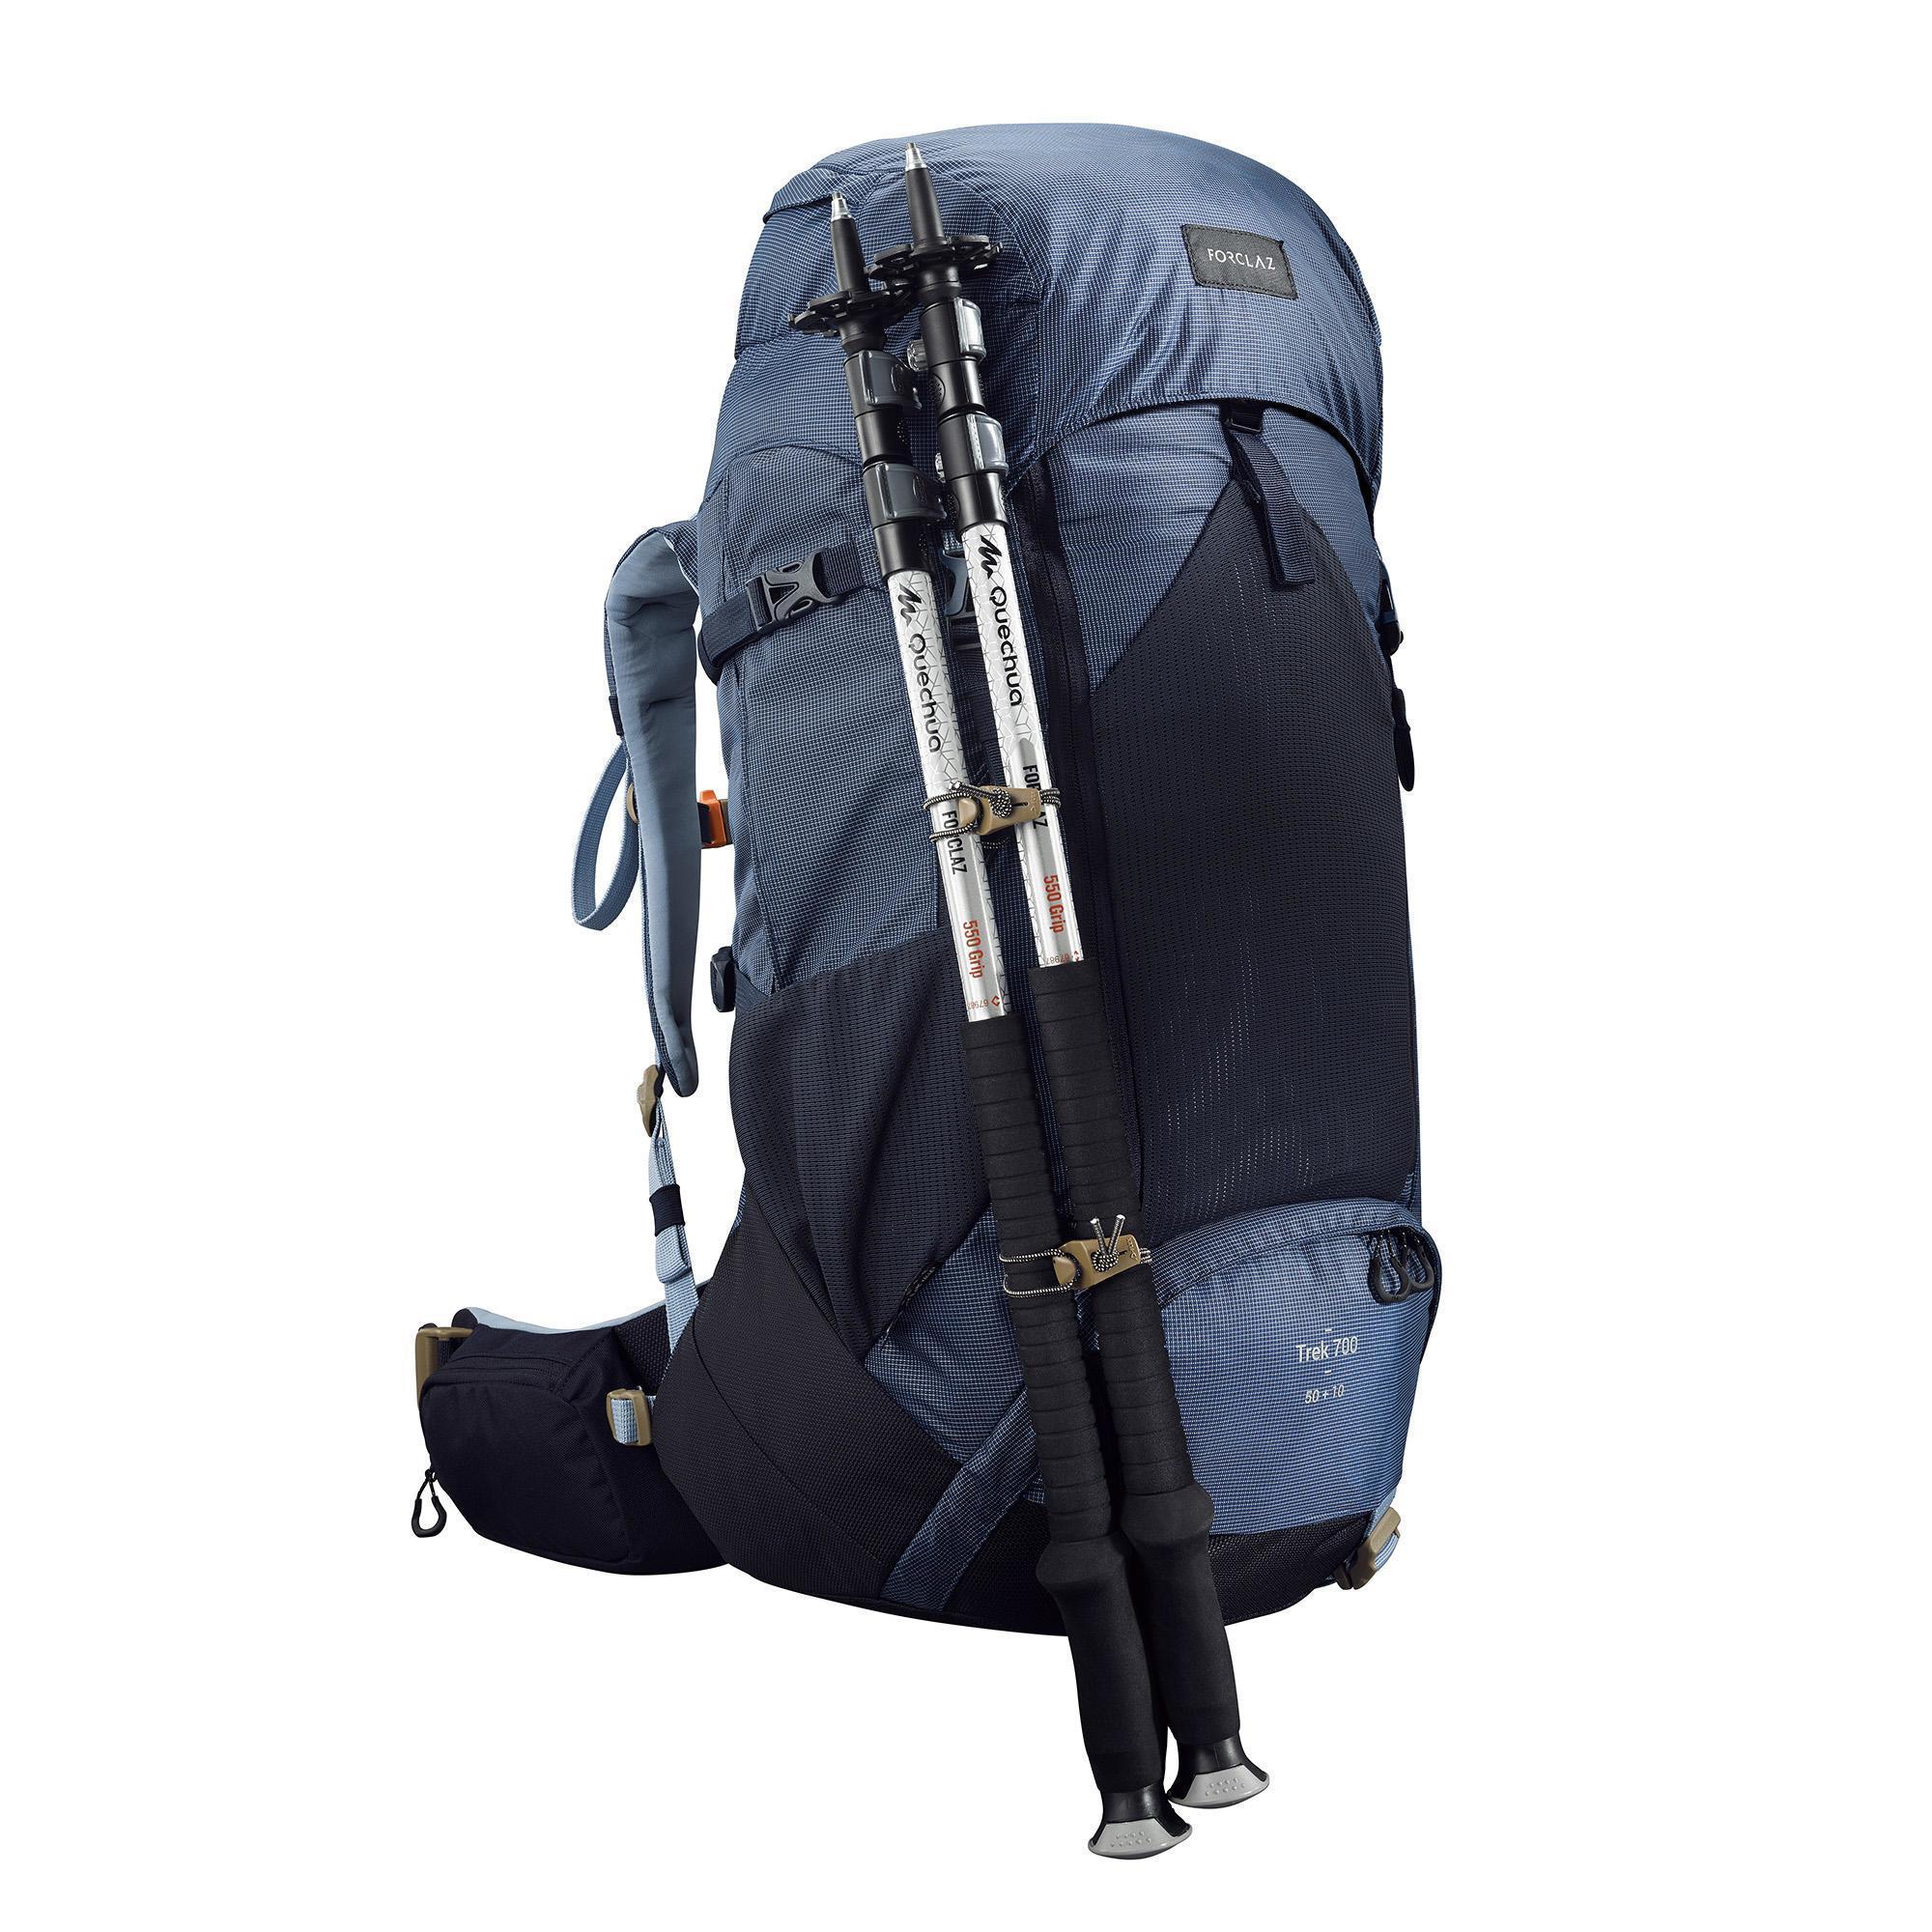 7068f278a Mochila de Montaña y Trekking Trek500 50+10 Litros Mujer Azul Forclaz